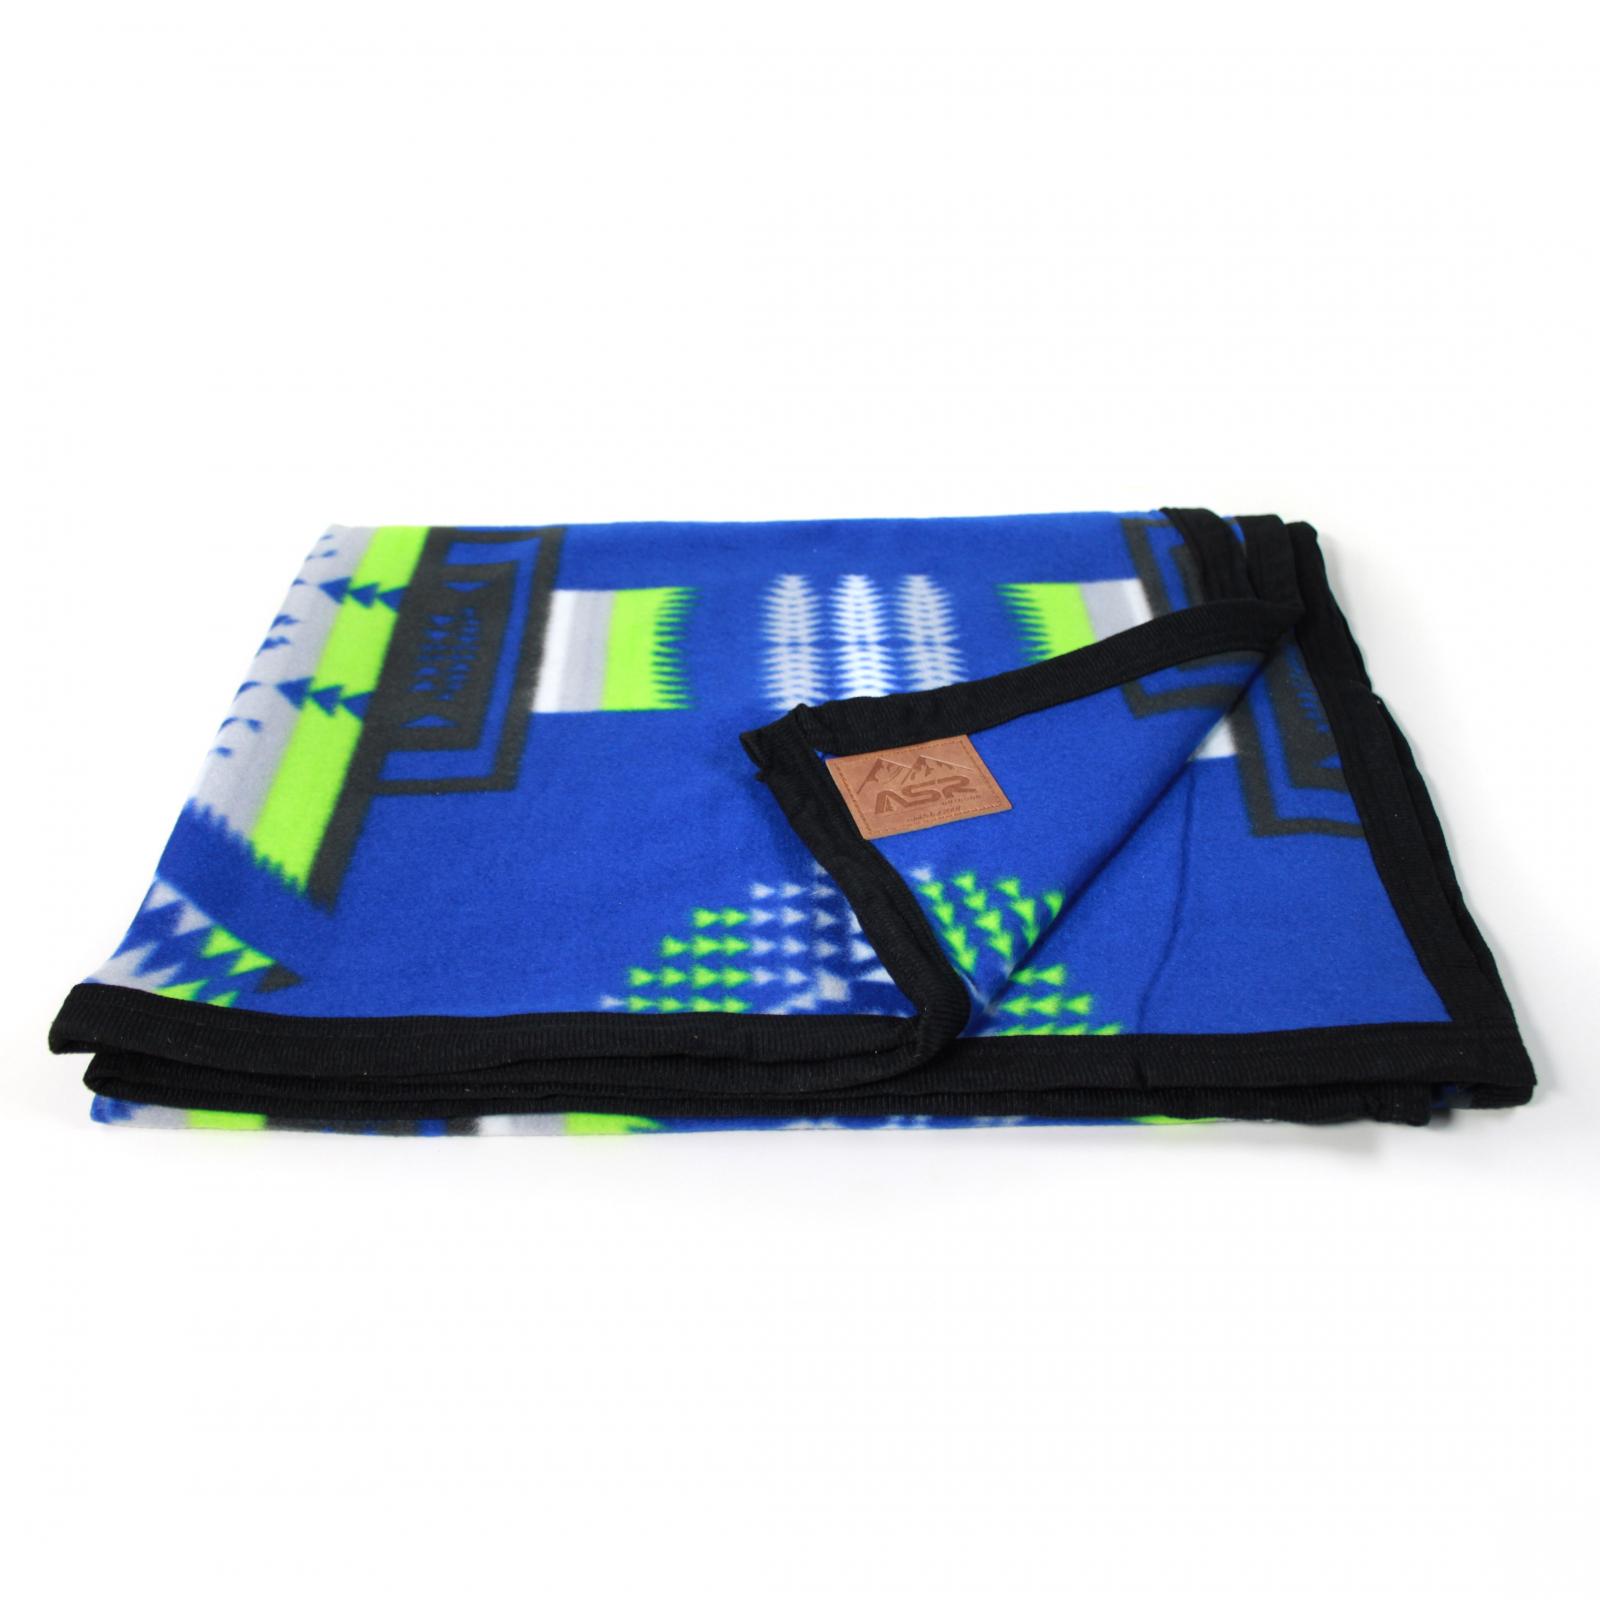 ASR Outdoor Southwest Style Fleece Blanket Small Size Blue